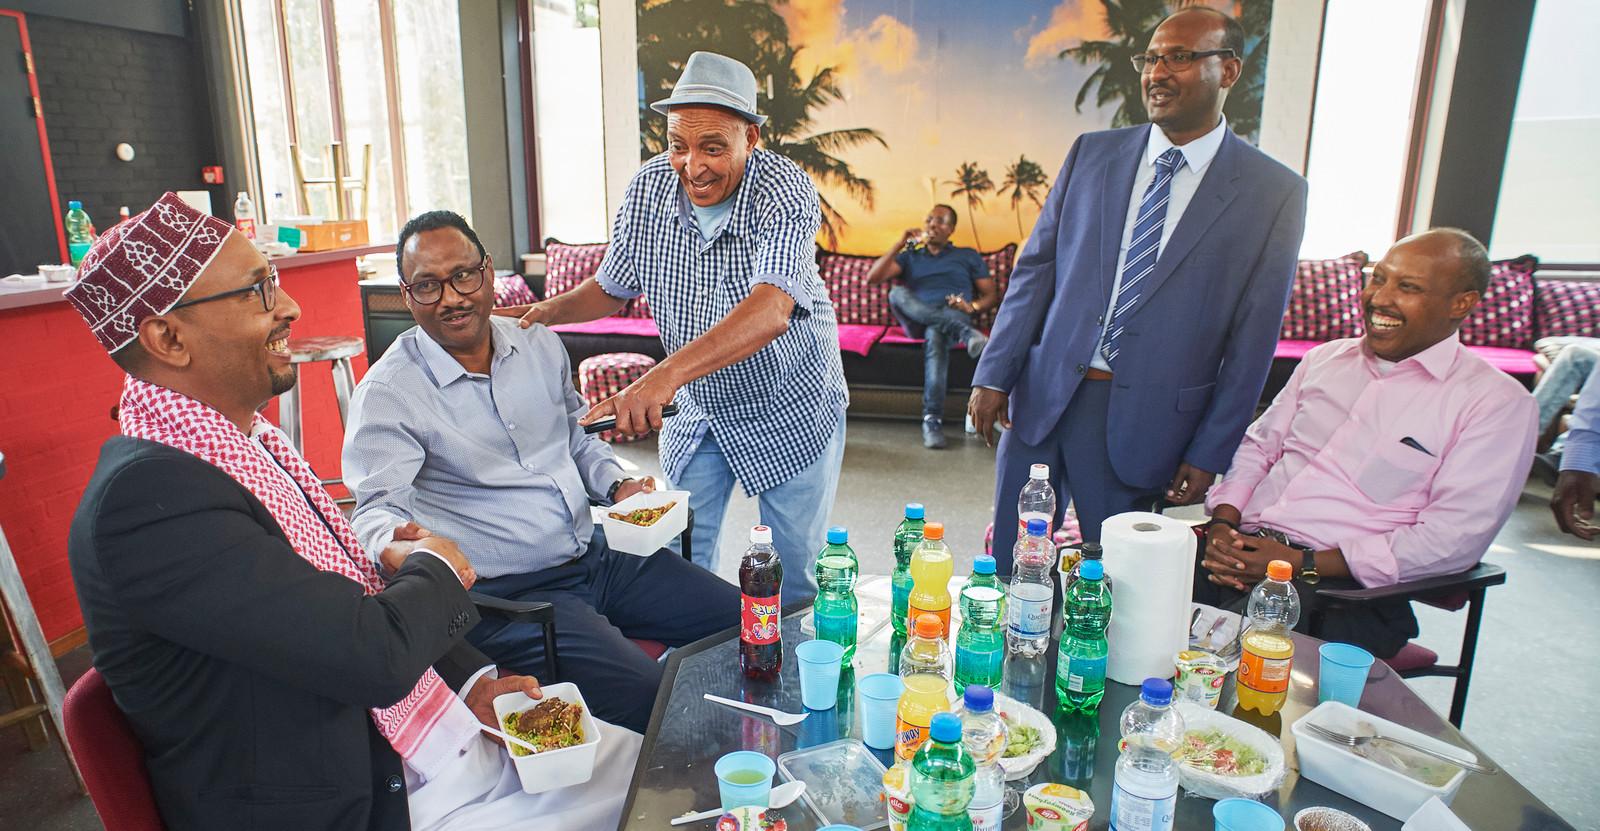 Een gemengd gezelschap van twee groepen somaliërs uit Schijndel en Veghel vieren samen het offerfeest in het ontmoetingscentrum te Veghel.